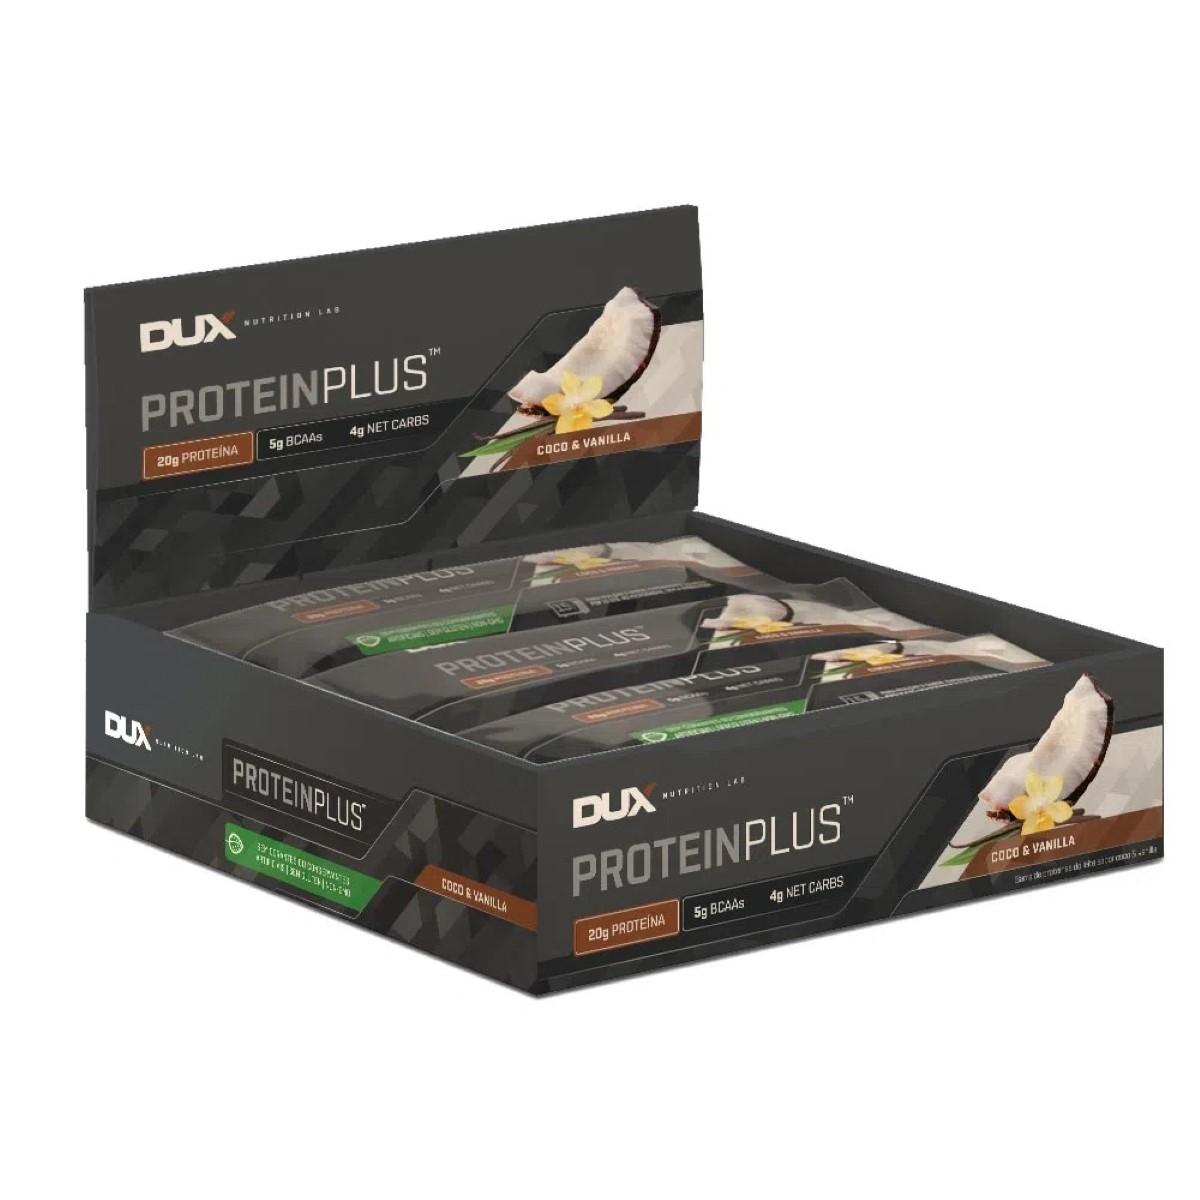 Protein Plus™ Dux  -  Caixa (9 Unidades) (70g/unidade)